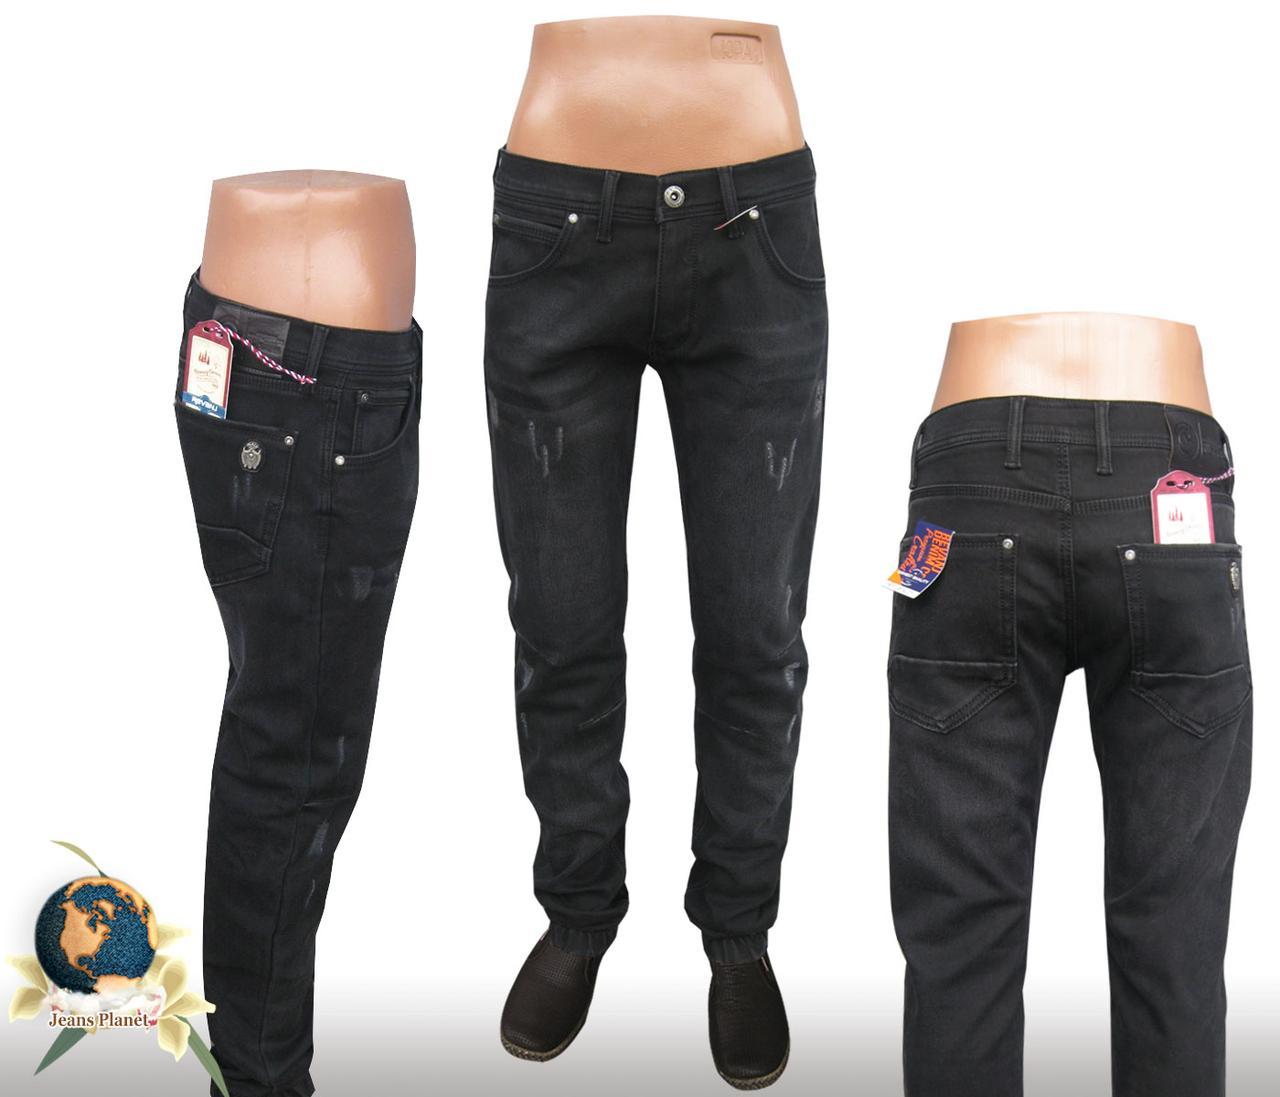 1c8fb8bf7e7 Джинсы мужские утеплённые чёрные Revanj низ на резинке 34 размер - Jeans  Planet -джинсовая одежда